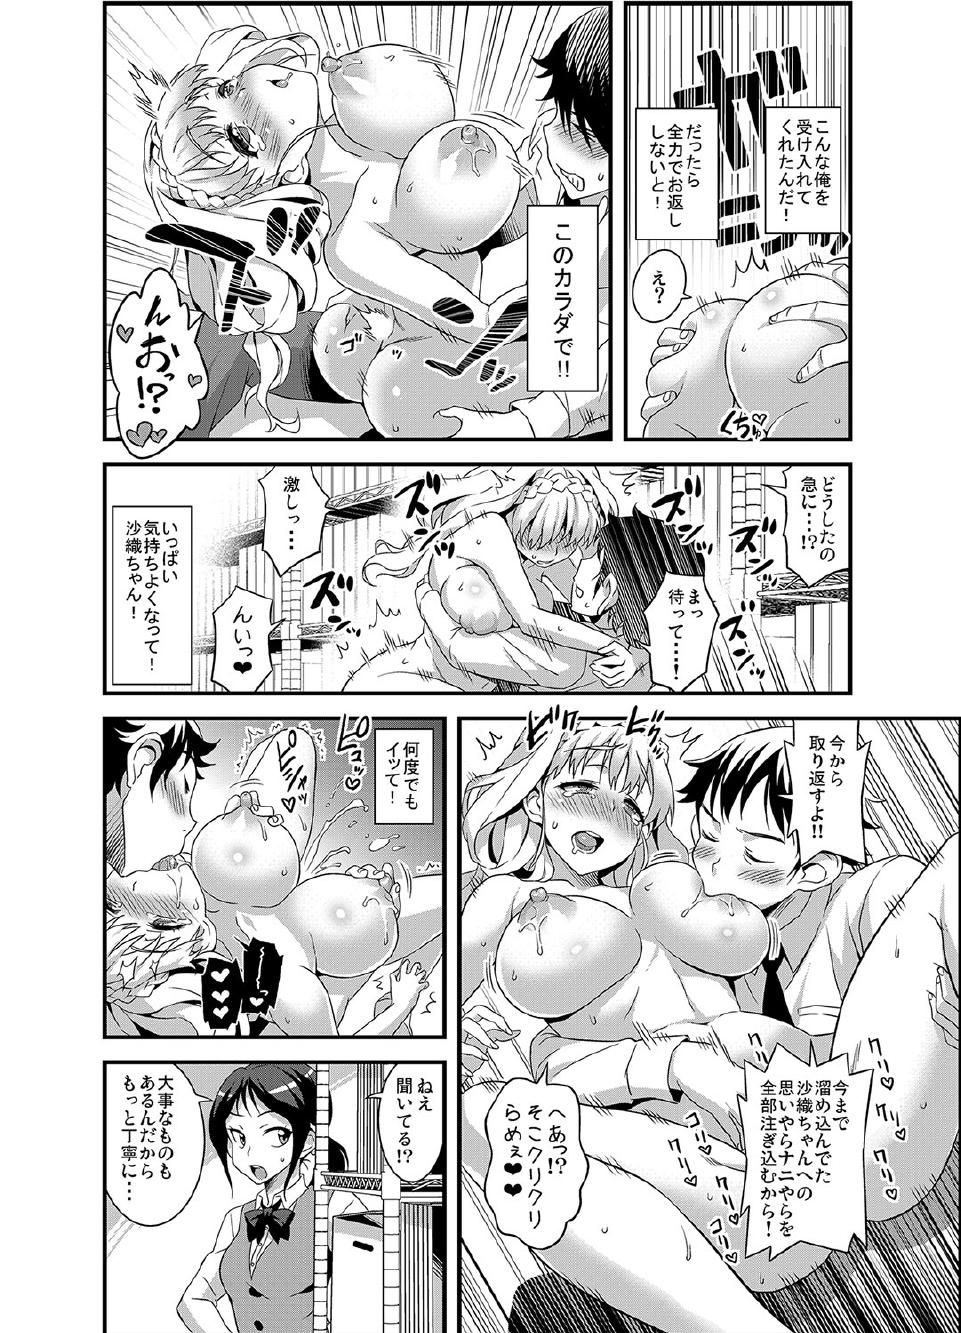 Zettai Fukujuu★3pun Kanojo 42